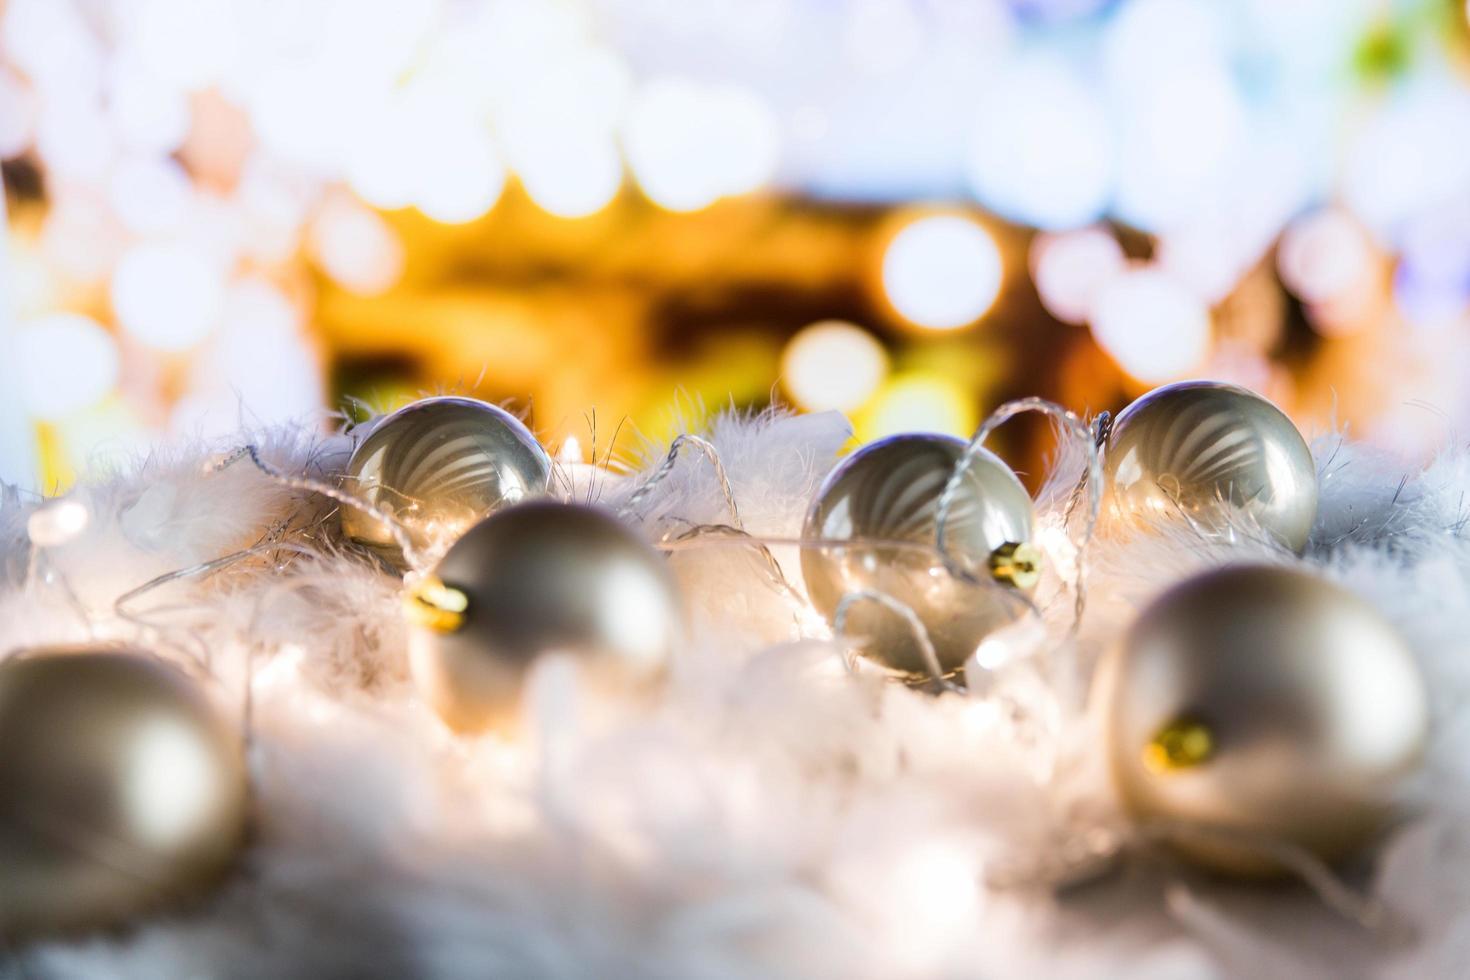 jullökor på nära håll foto